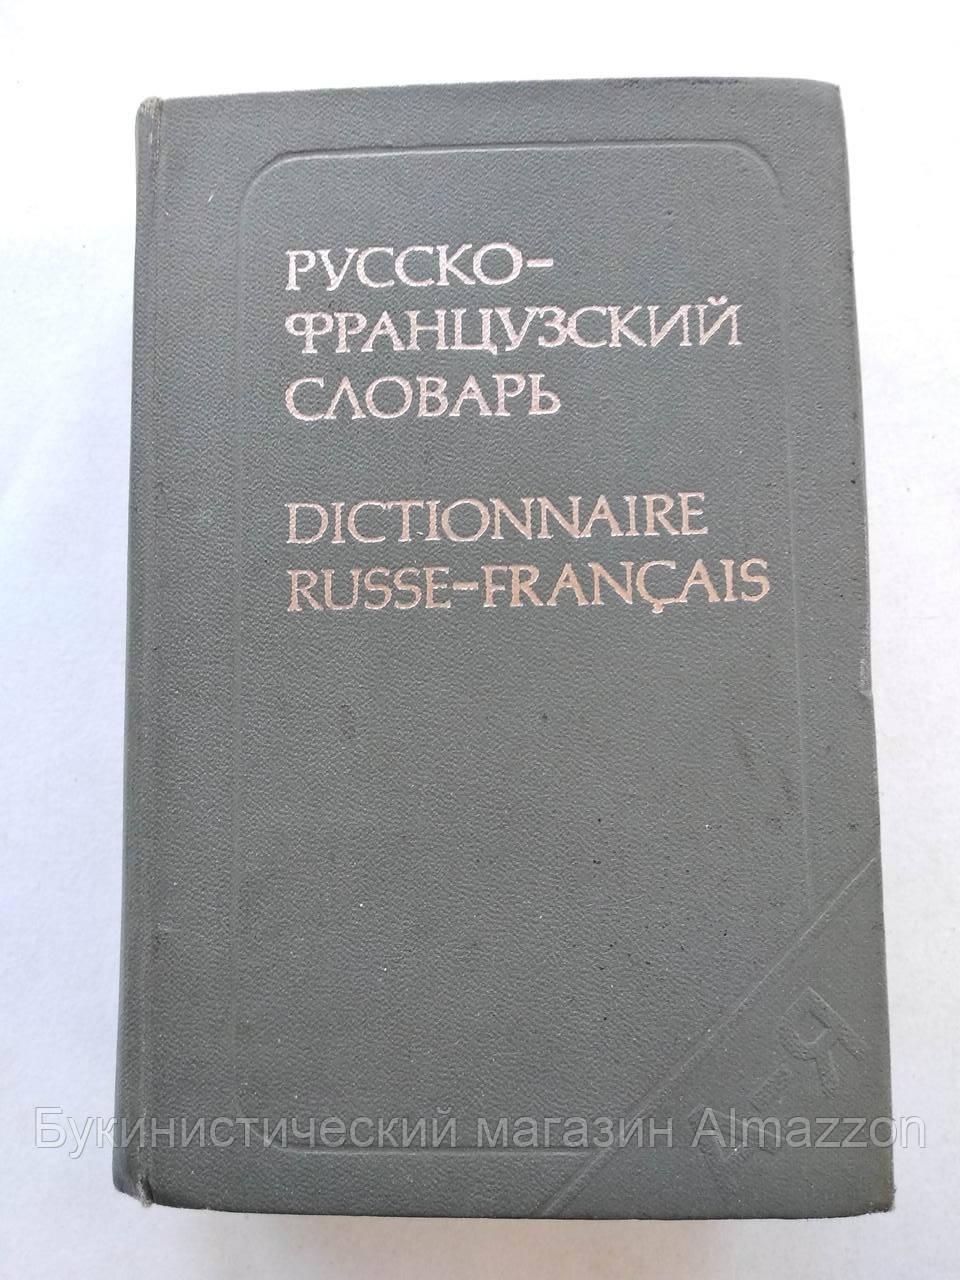 Русско-французский словарь 25000 слов